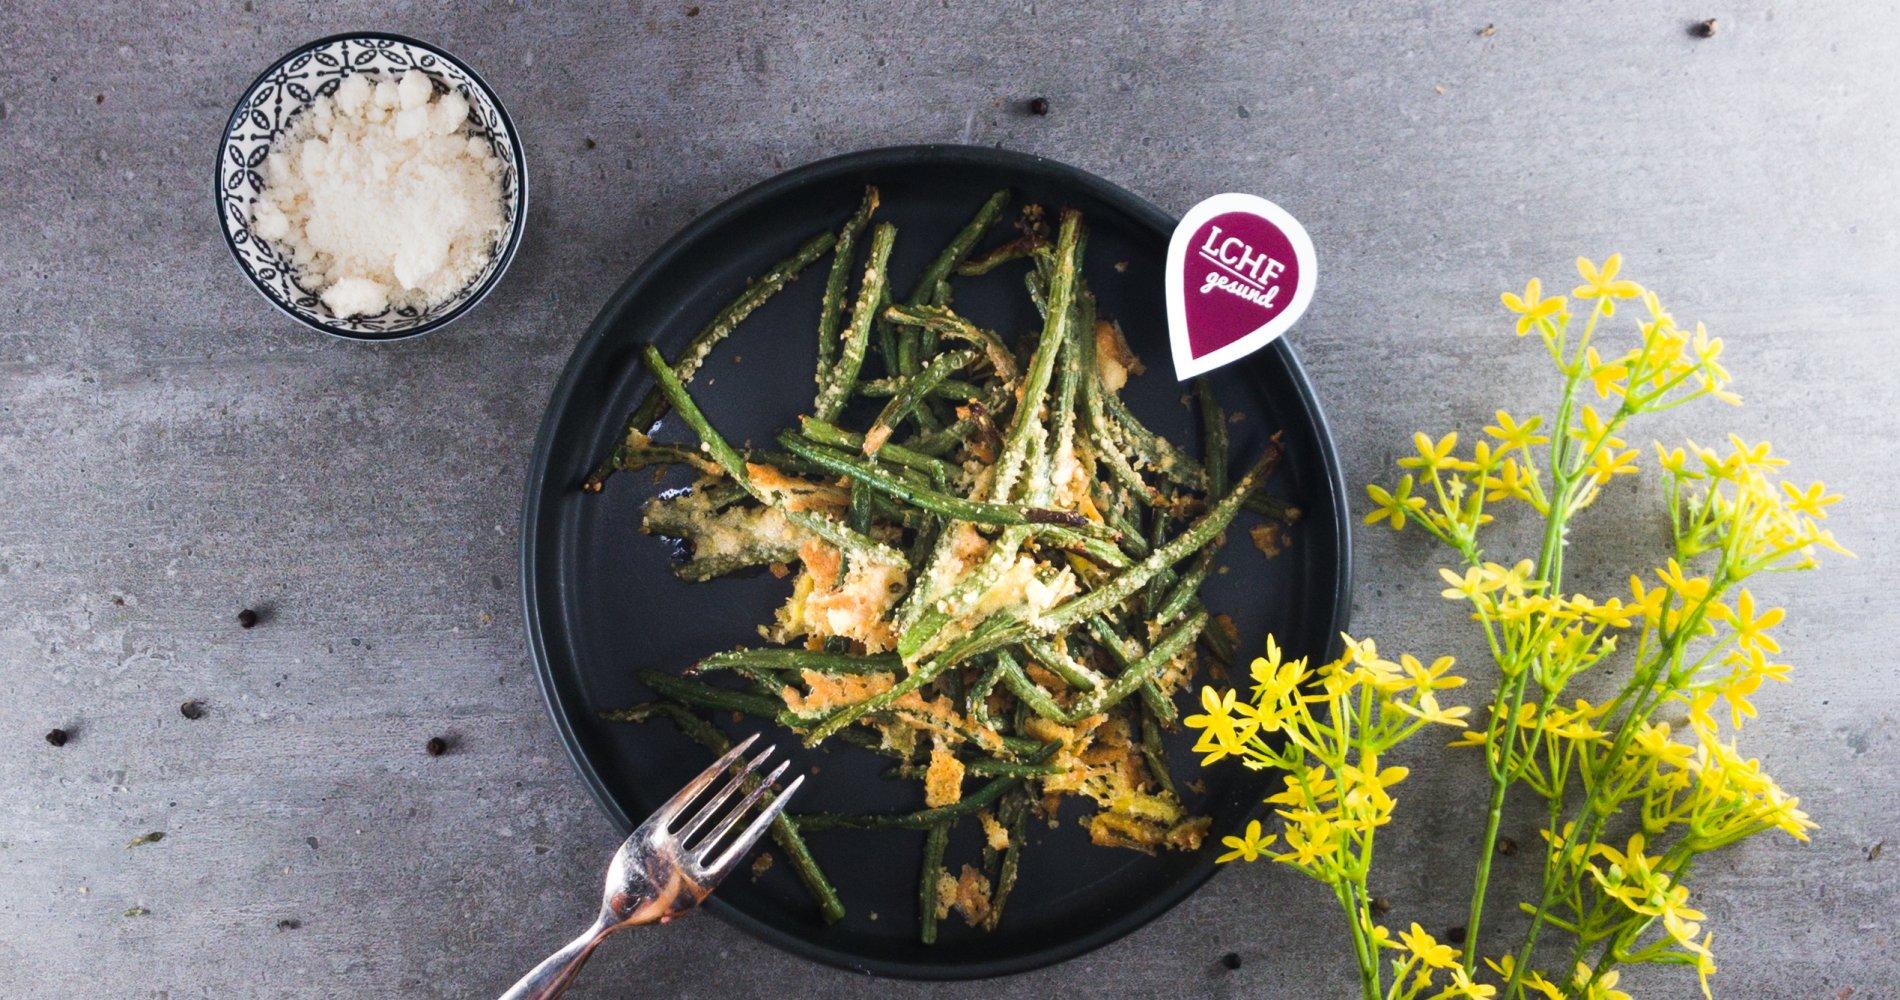 Rezept Low Carb: Parmesanbohnen gebacken - LCHF-gesund.de